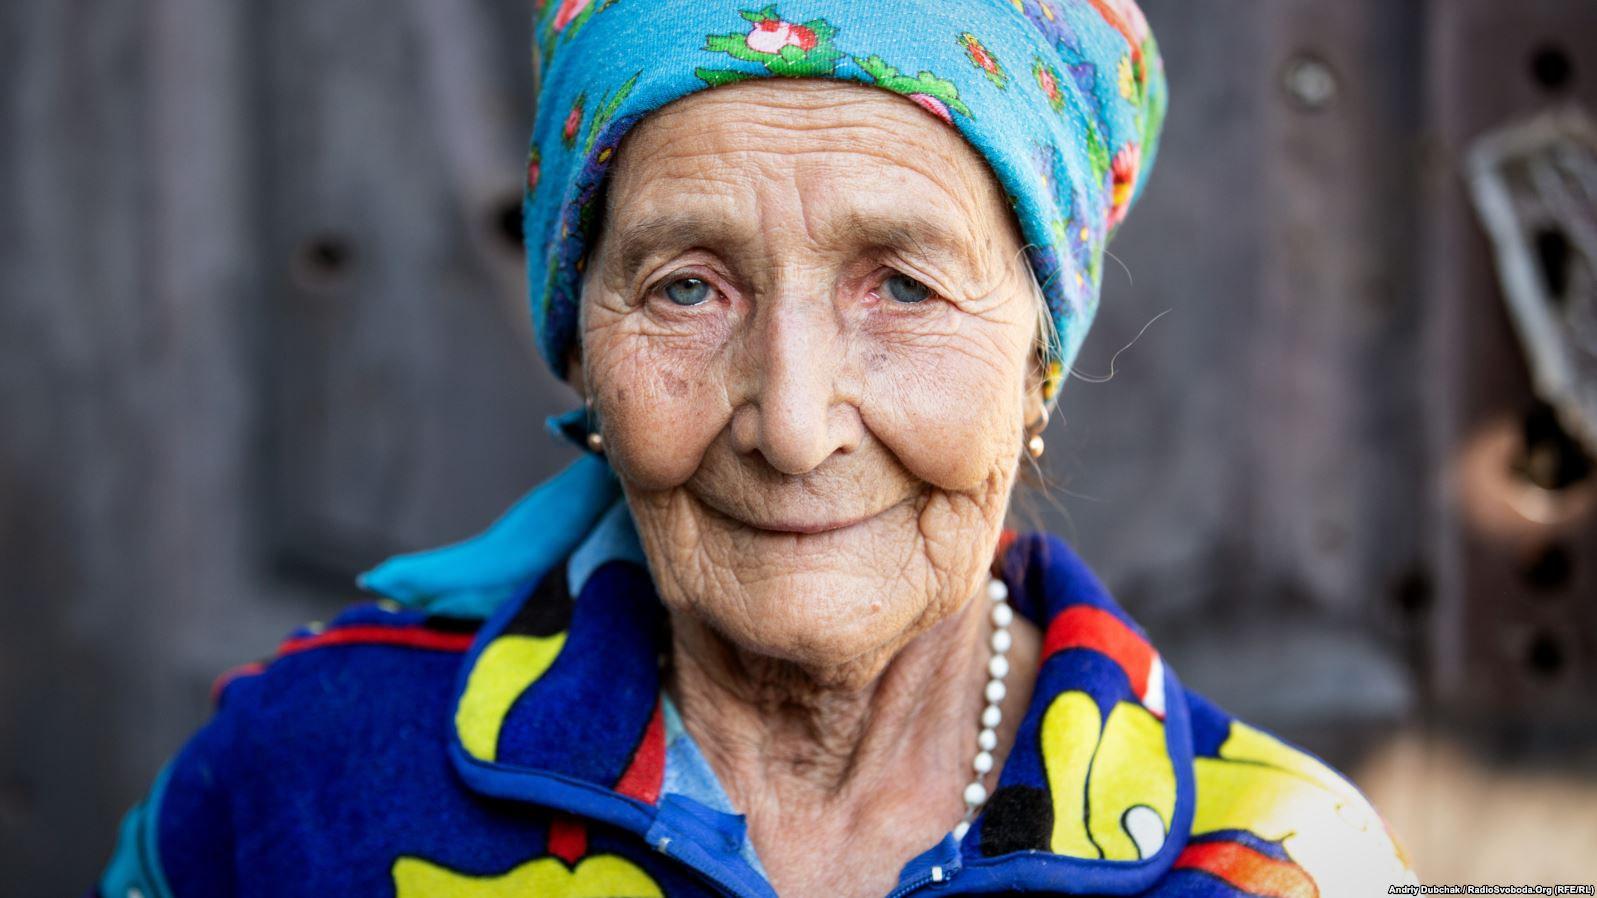 Баба Марія. Сама родом із Закарпаття. 1940 року народження. Живе у селищі сама